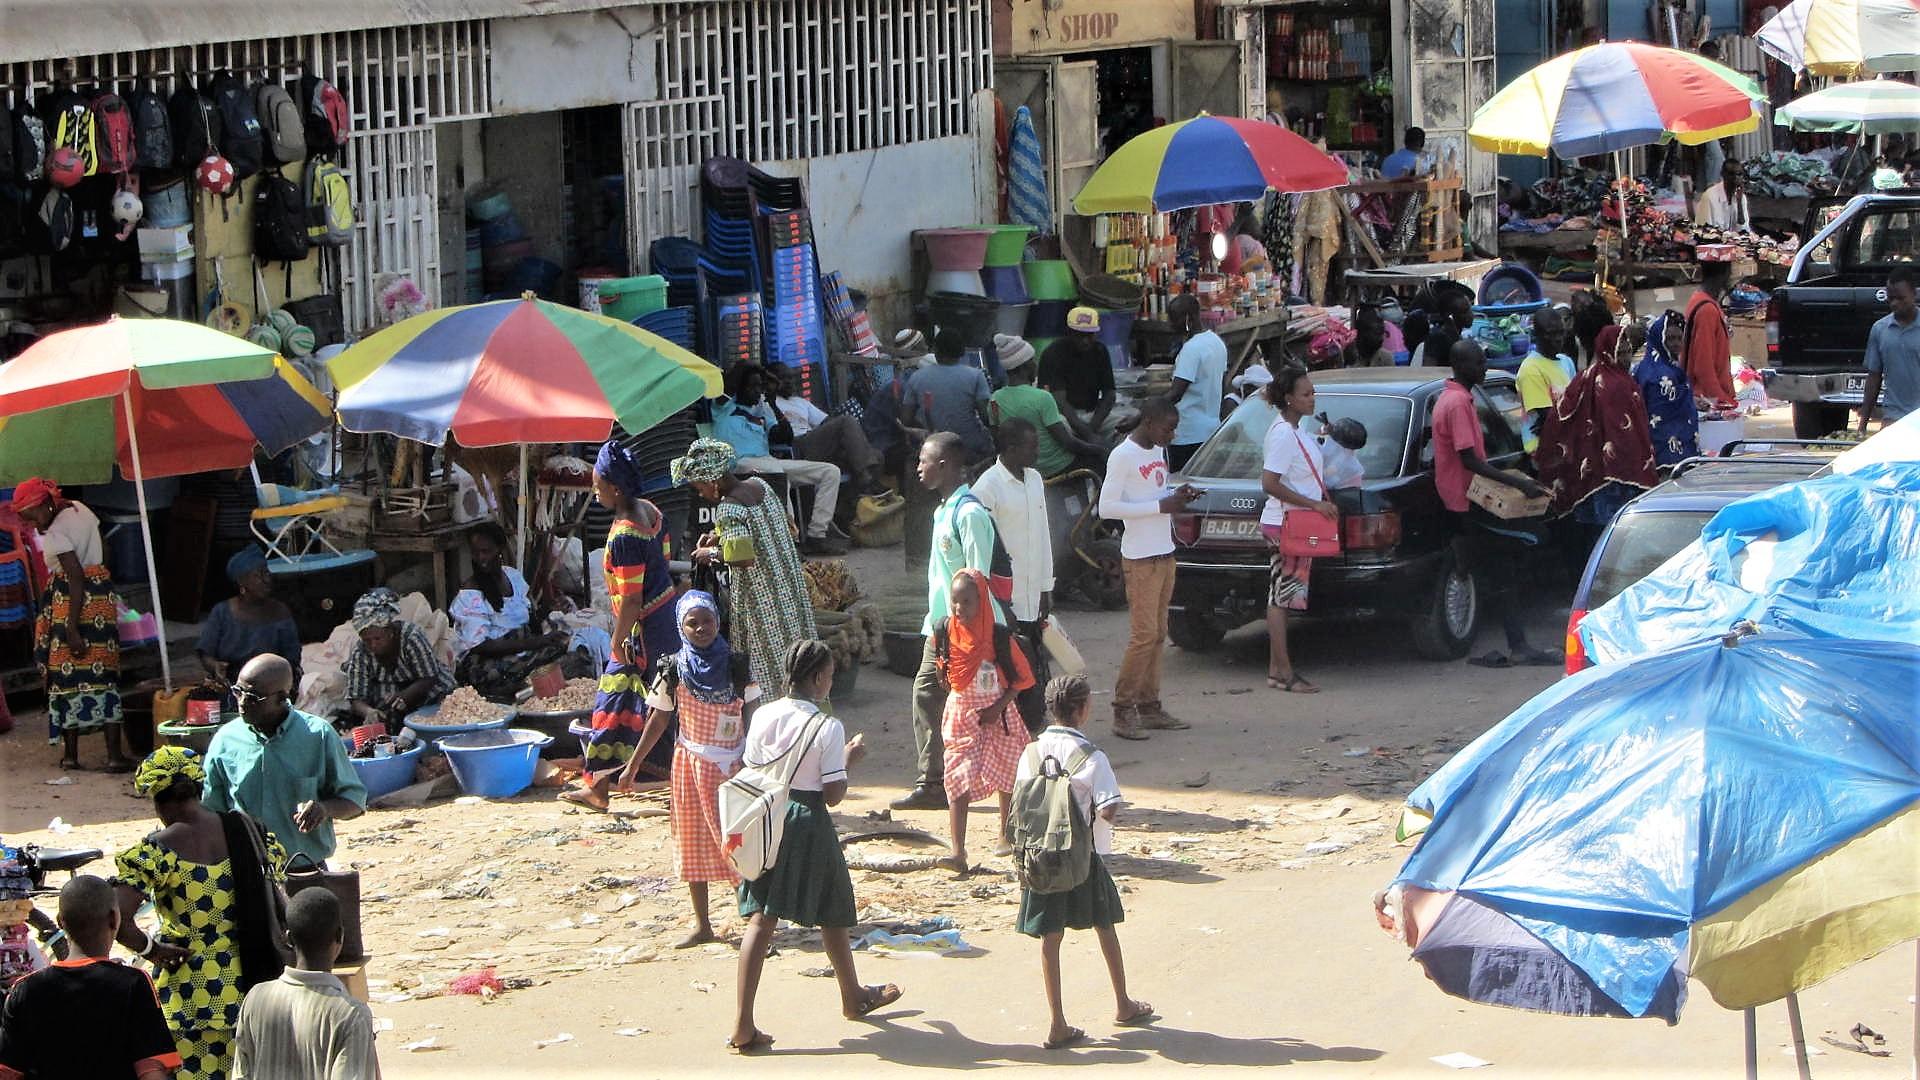 beachmarket Gambia cap-21-6687-col von IngSt +9Fotos